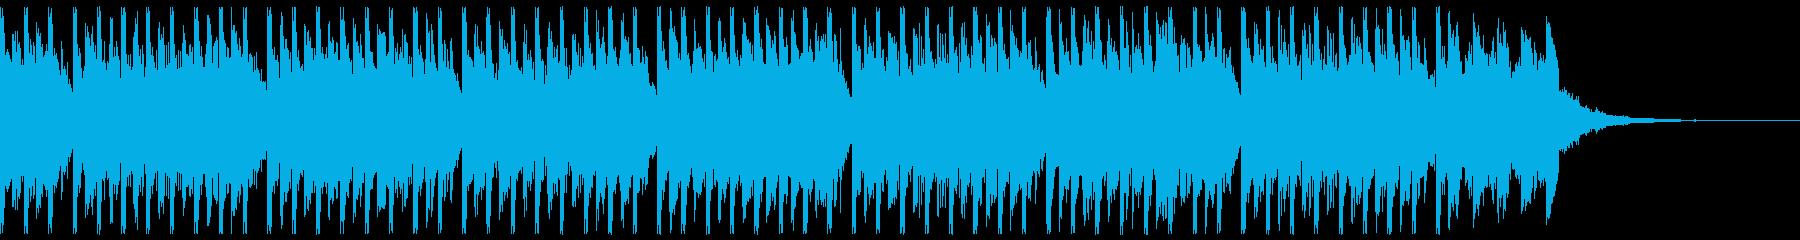 夏のパーティーダンス(ショート2)の再生済みの波形